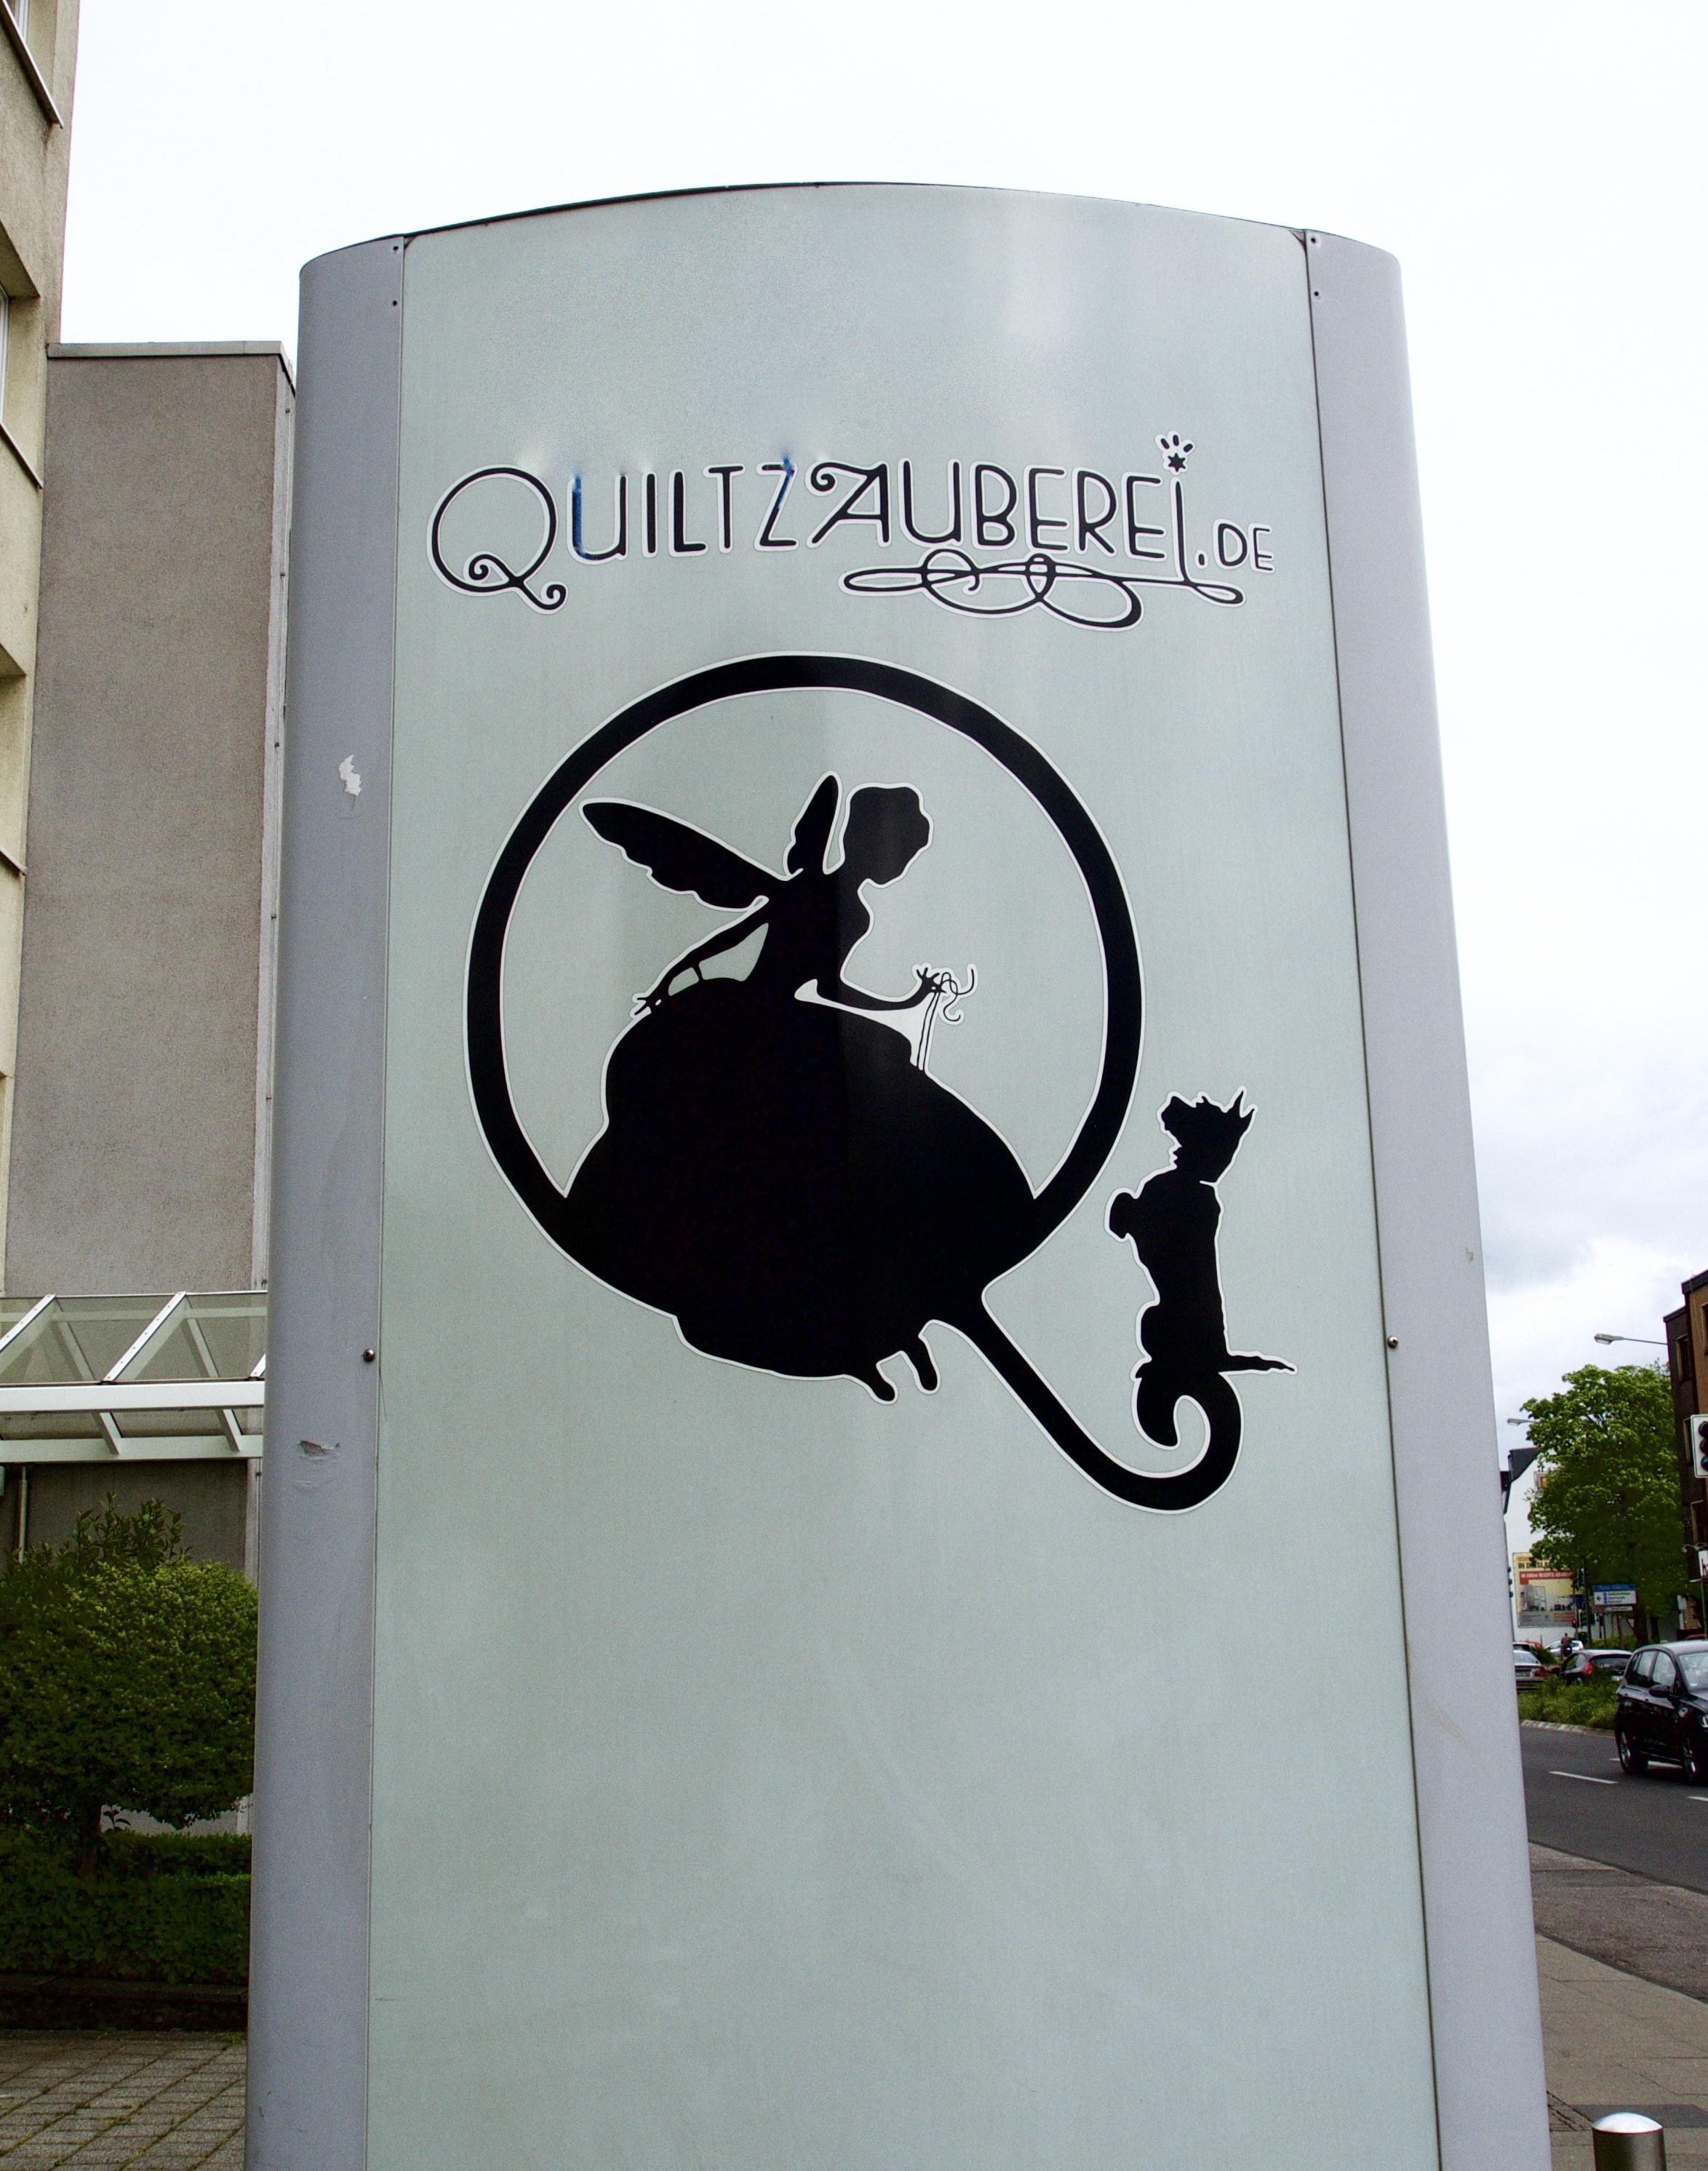 Quiltzauberei in Dinslaken